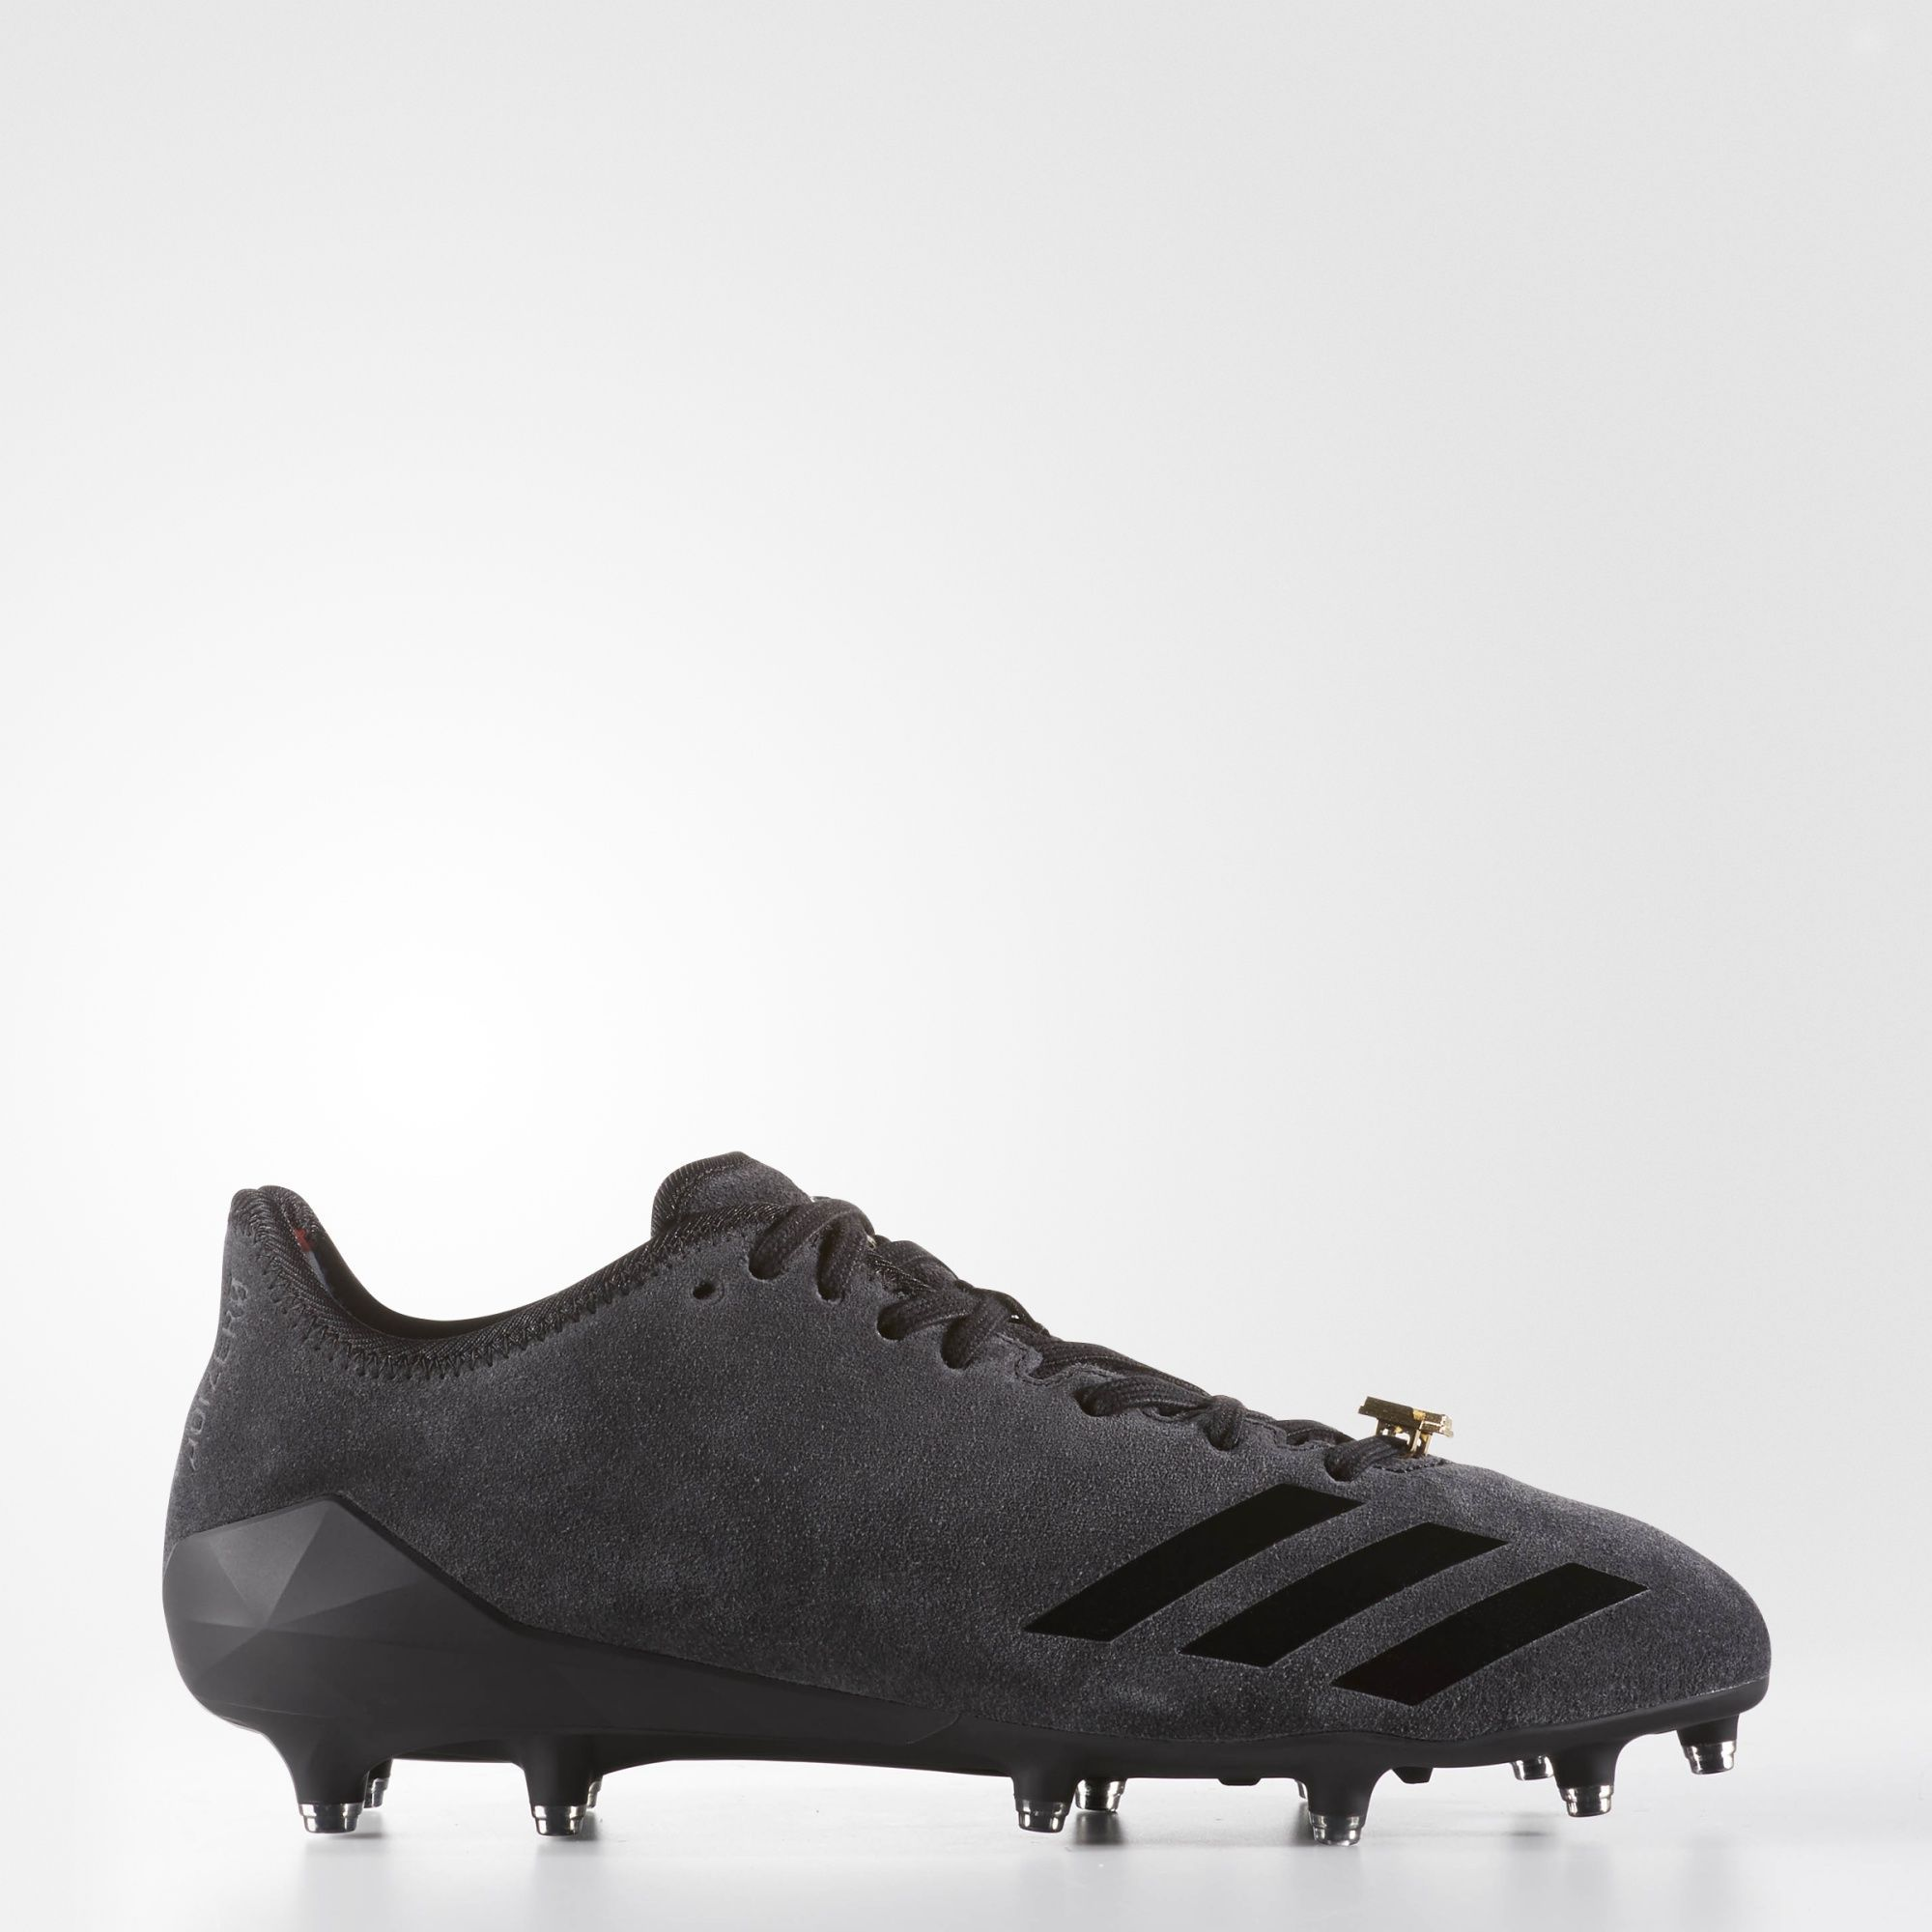 brand new f6f57 cea5e adidas Adizero 5Star 60 Cleat Mens Football 17 Core ...